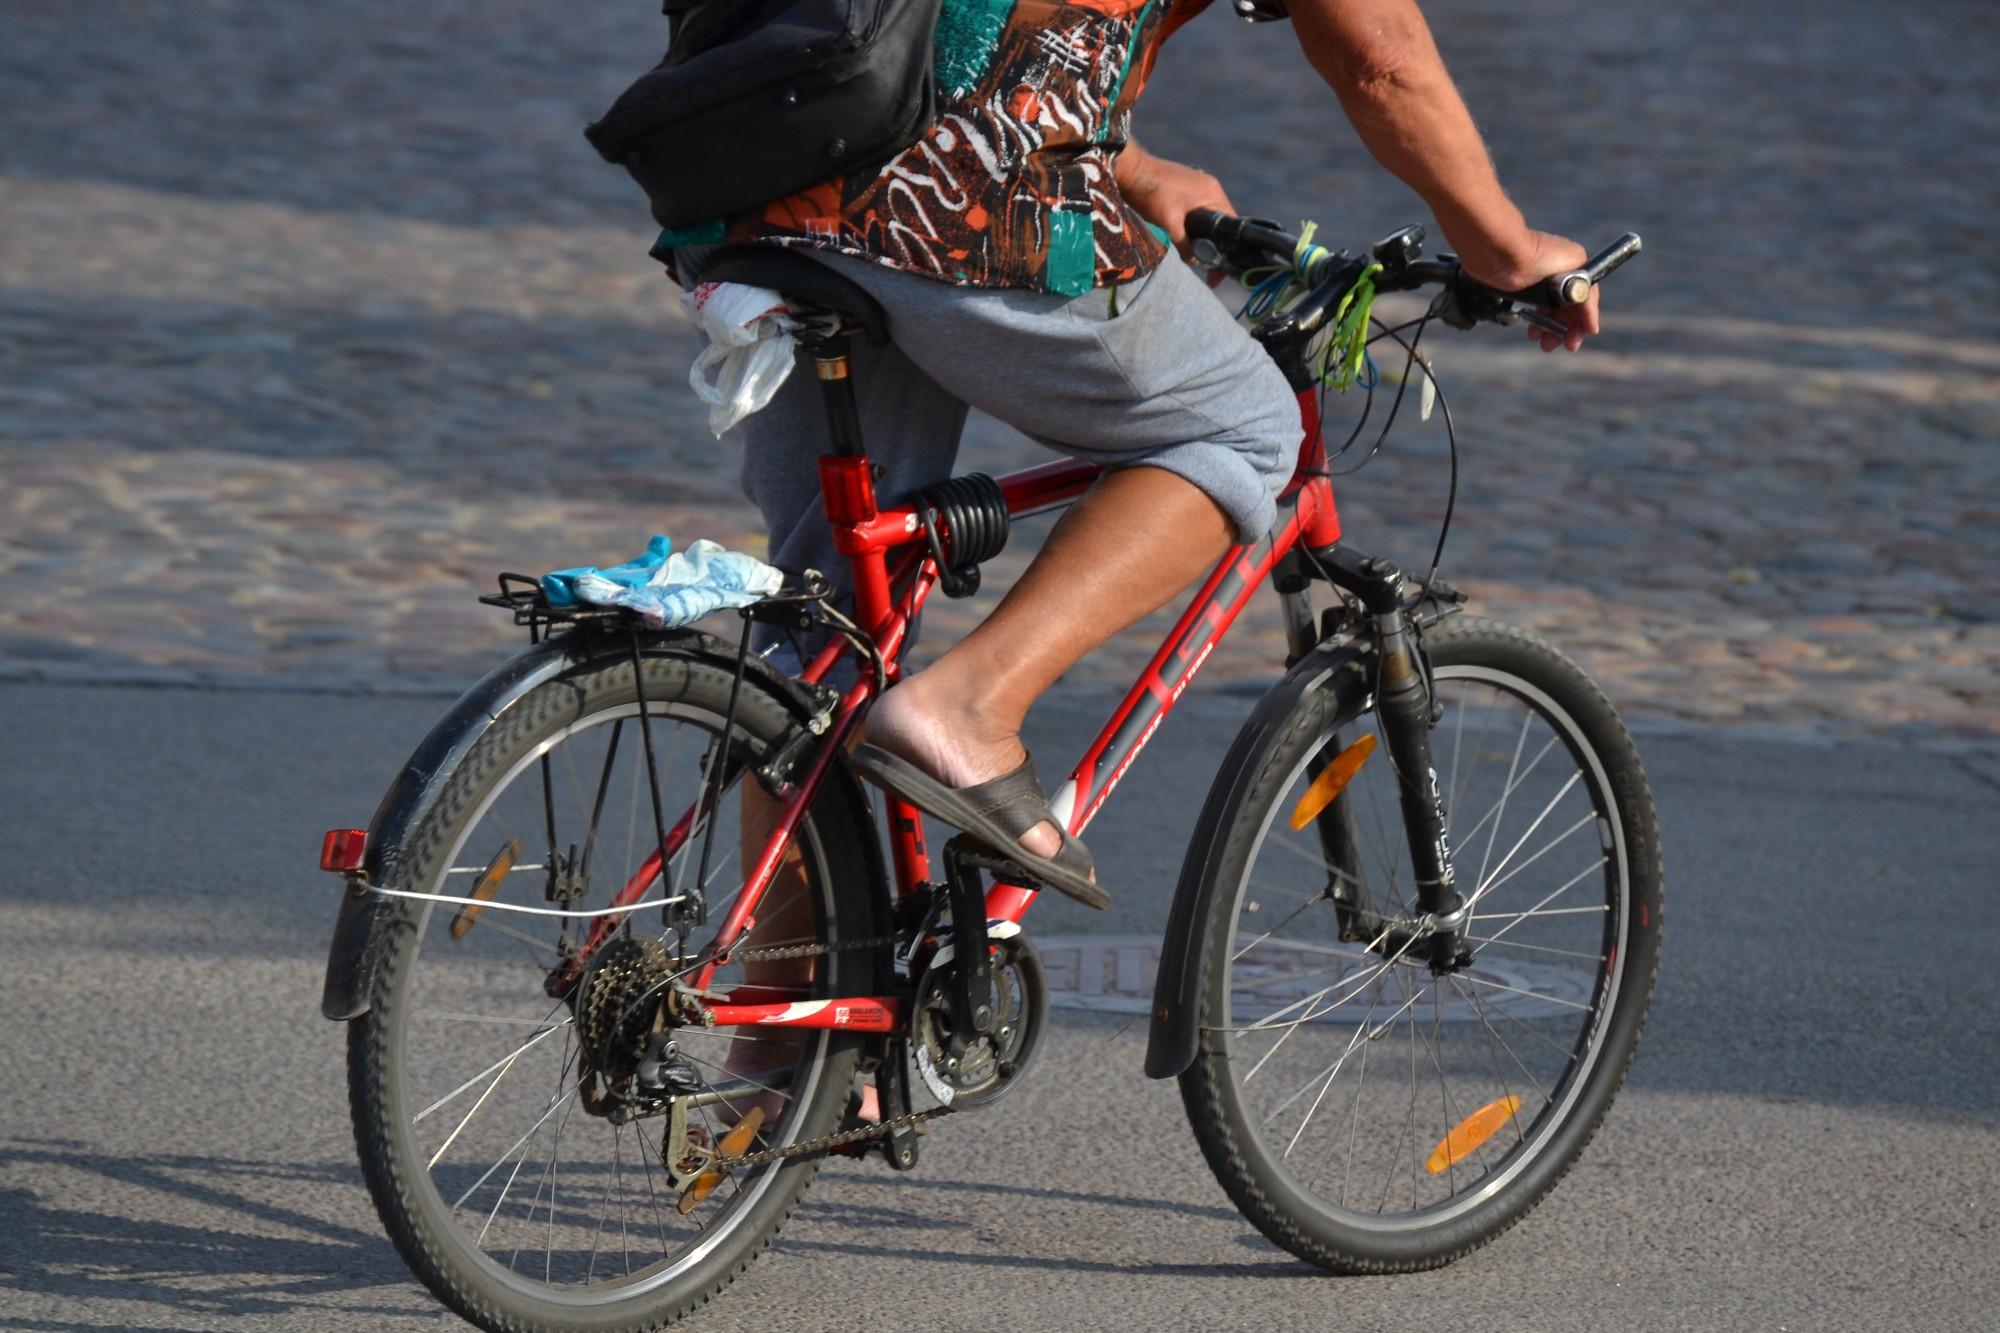 Nozagti divi velosipēdi; viens Liepājā, otrs – Dunikas pagastā